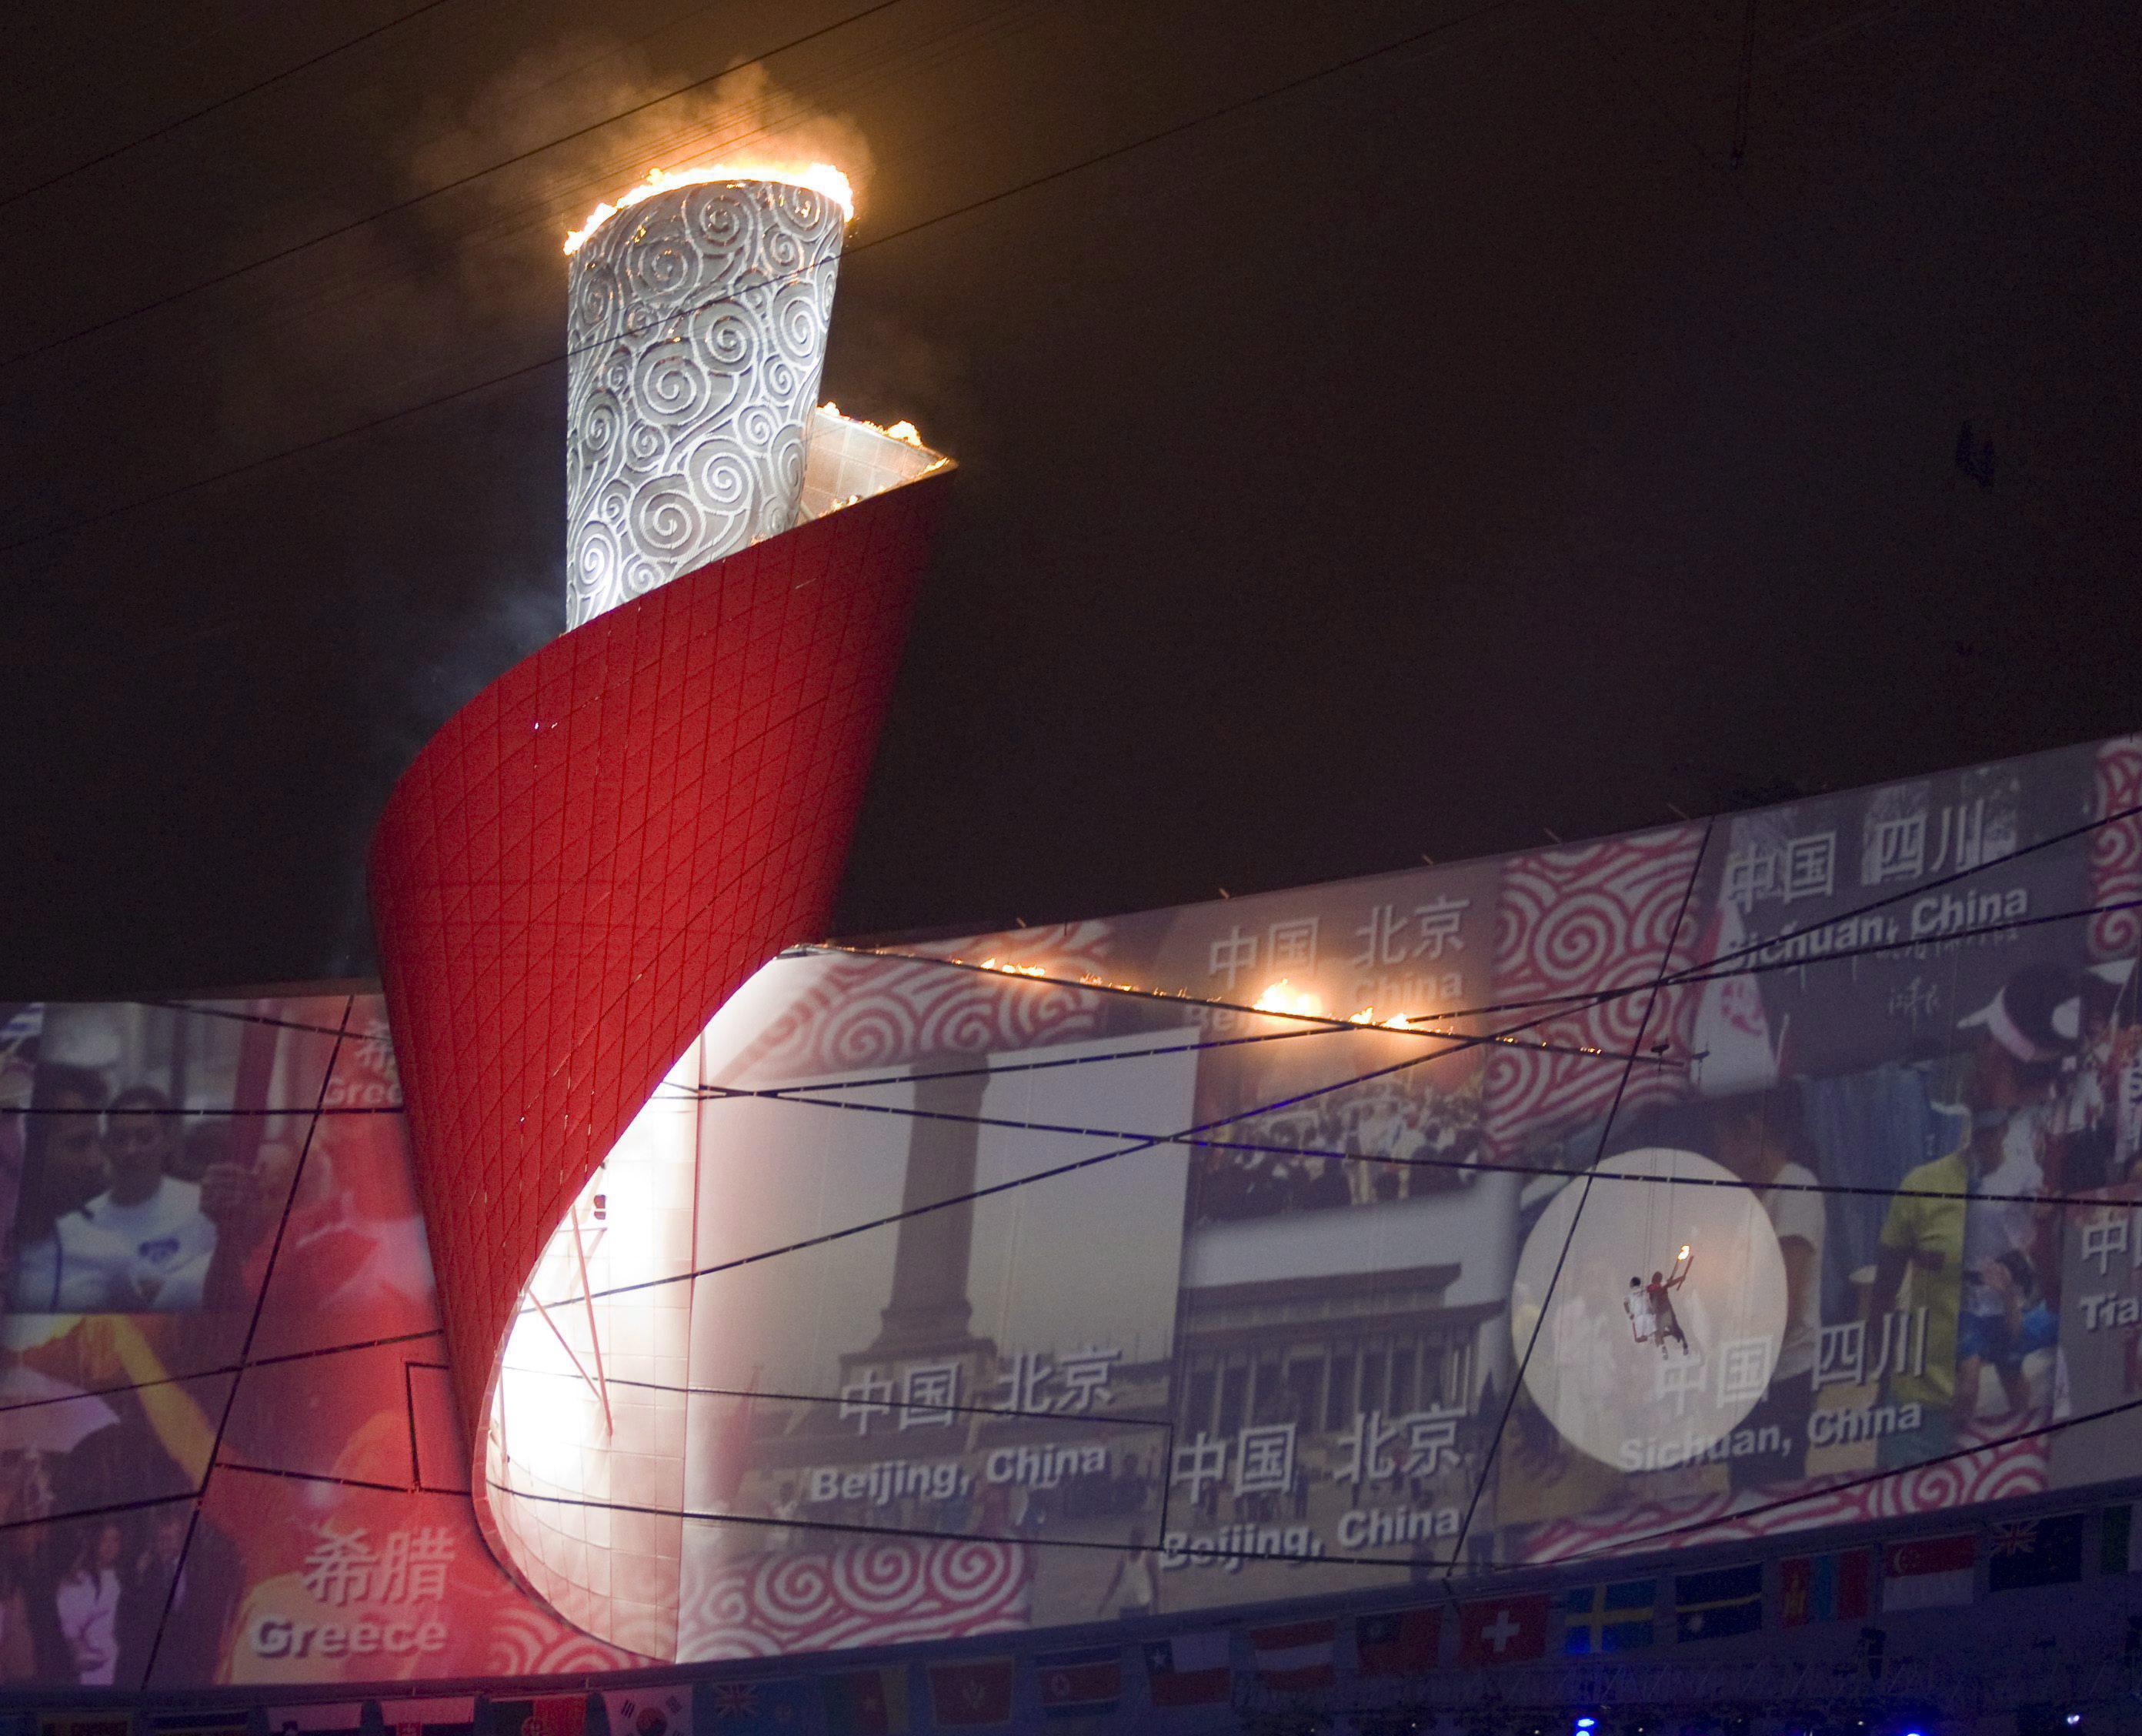 La vasque olympique est allumée lors des Jeux de Beijing 2008